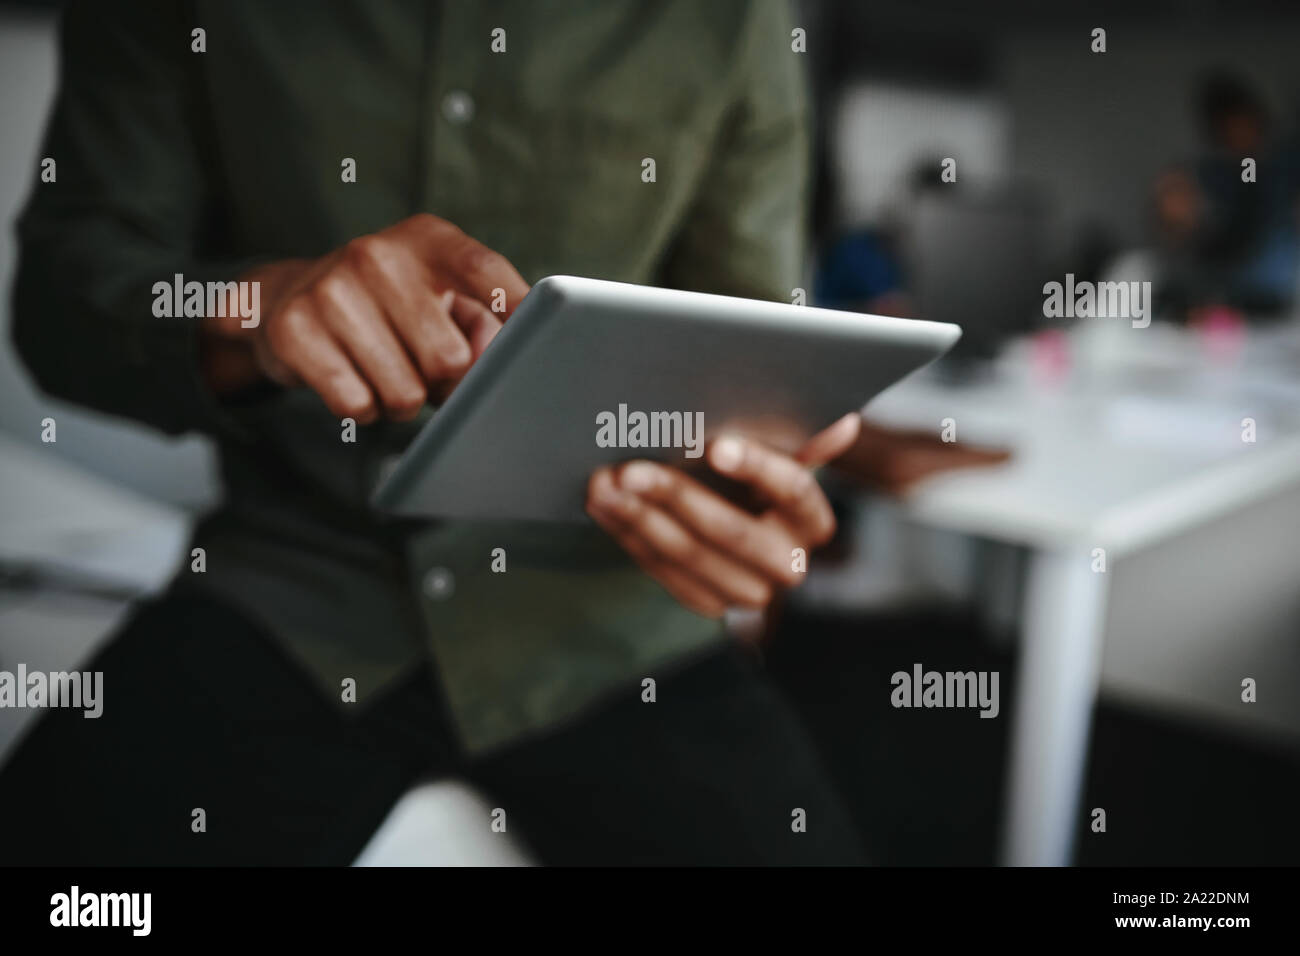 Close-up of woman's finger touching screen d'une tablette numérique à l'office Banque D'Images